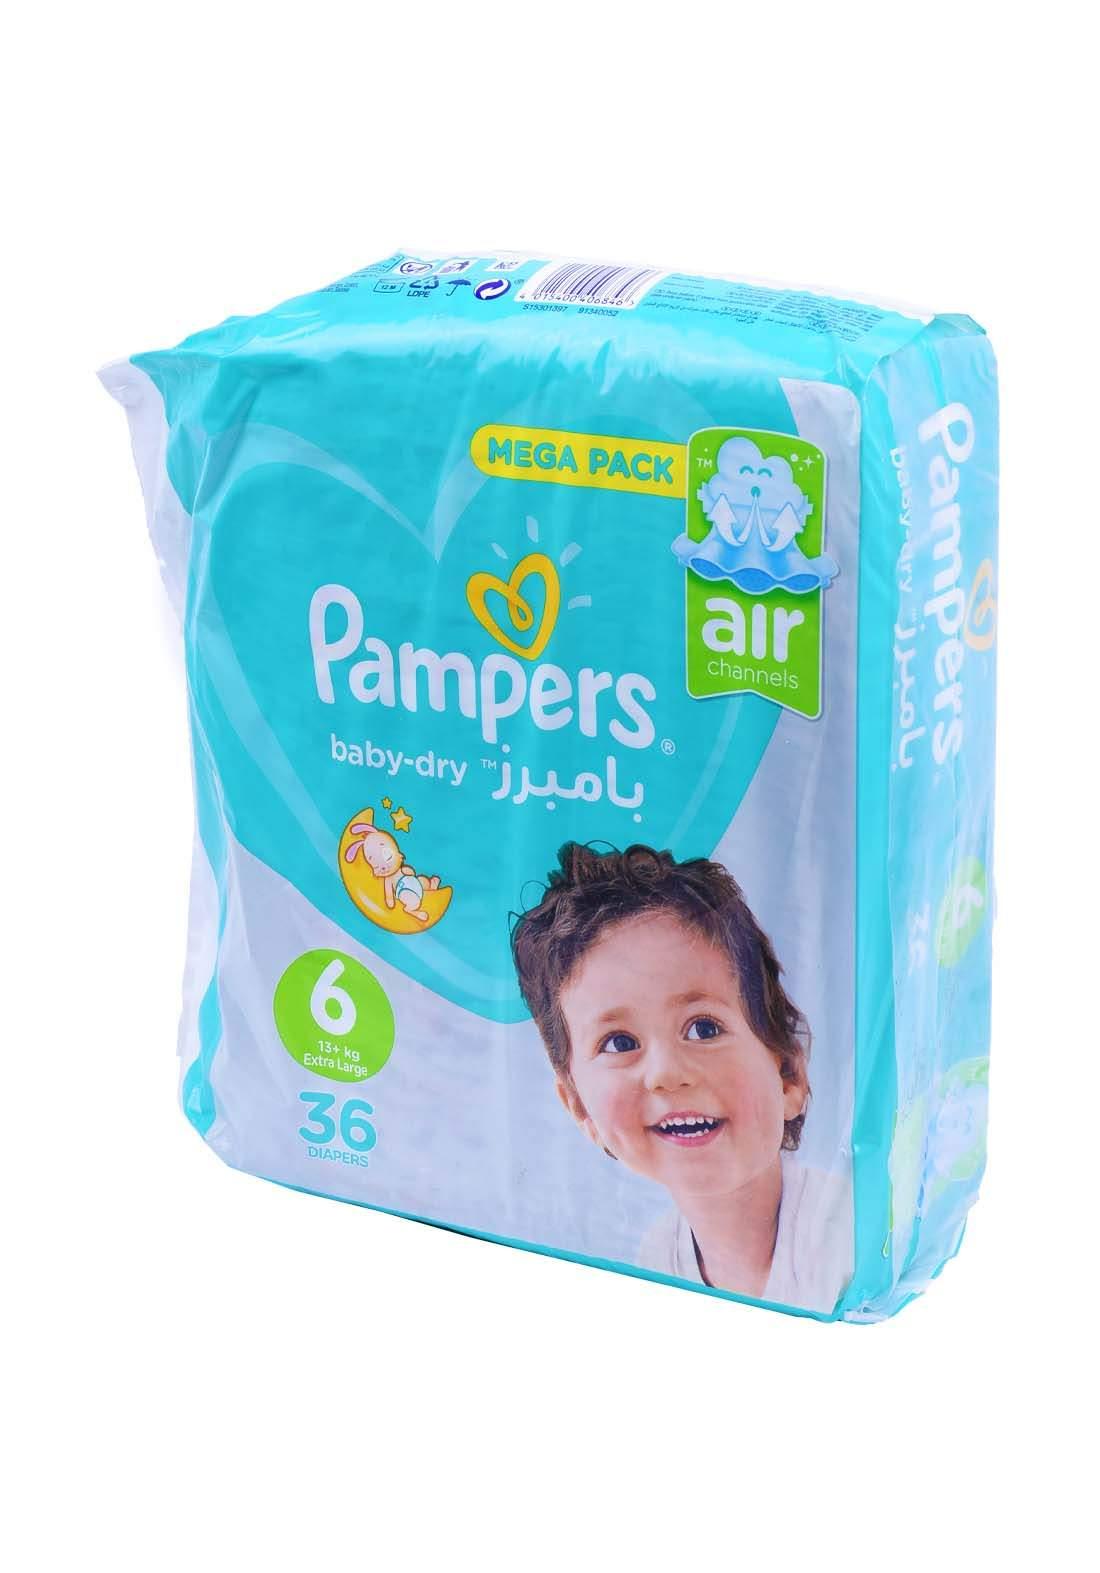 Pampers +13 Kg 36 Pcs حفاضات  بامبرز للاطفال عادي رقم 6